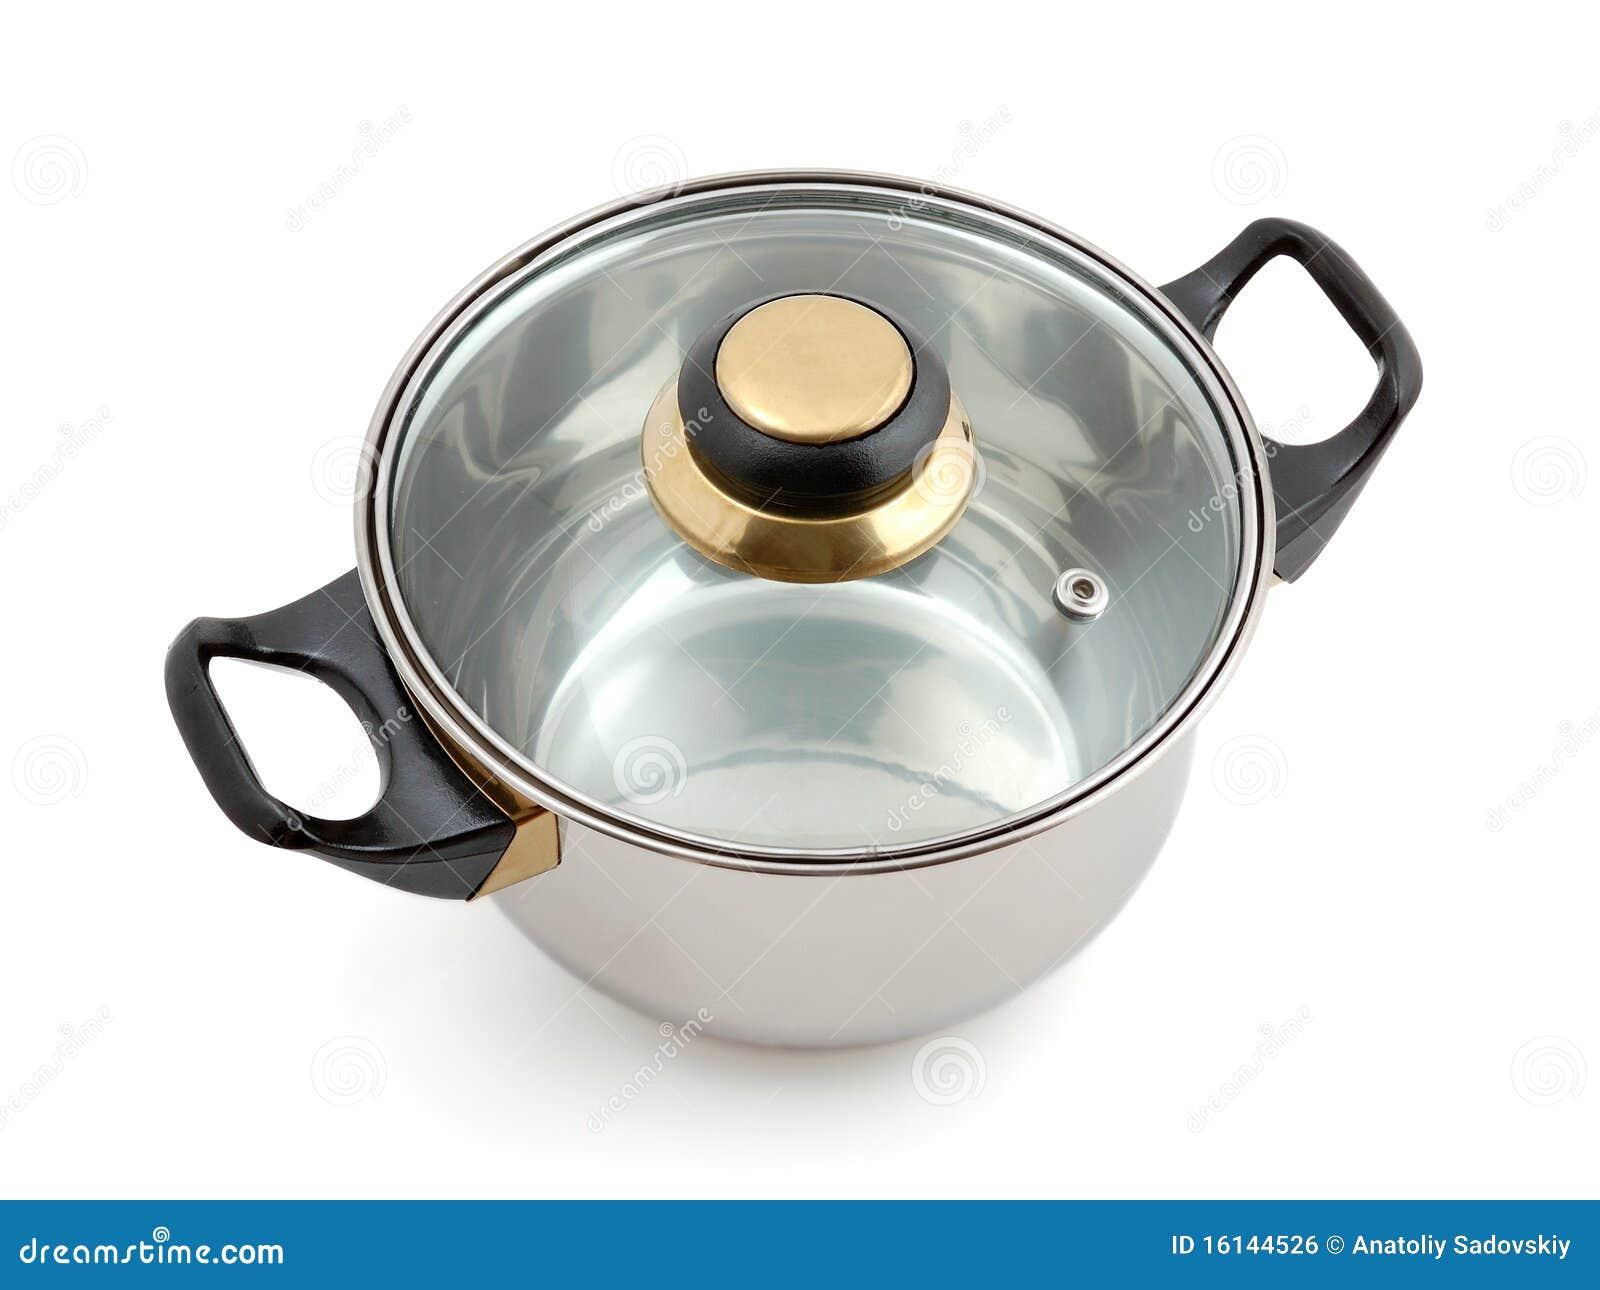 Metaal pan met deksel